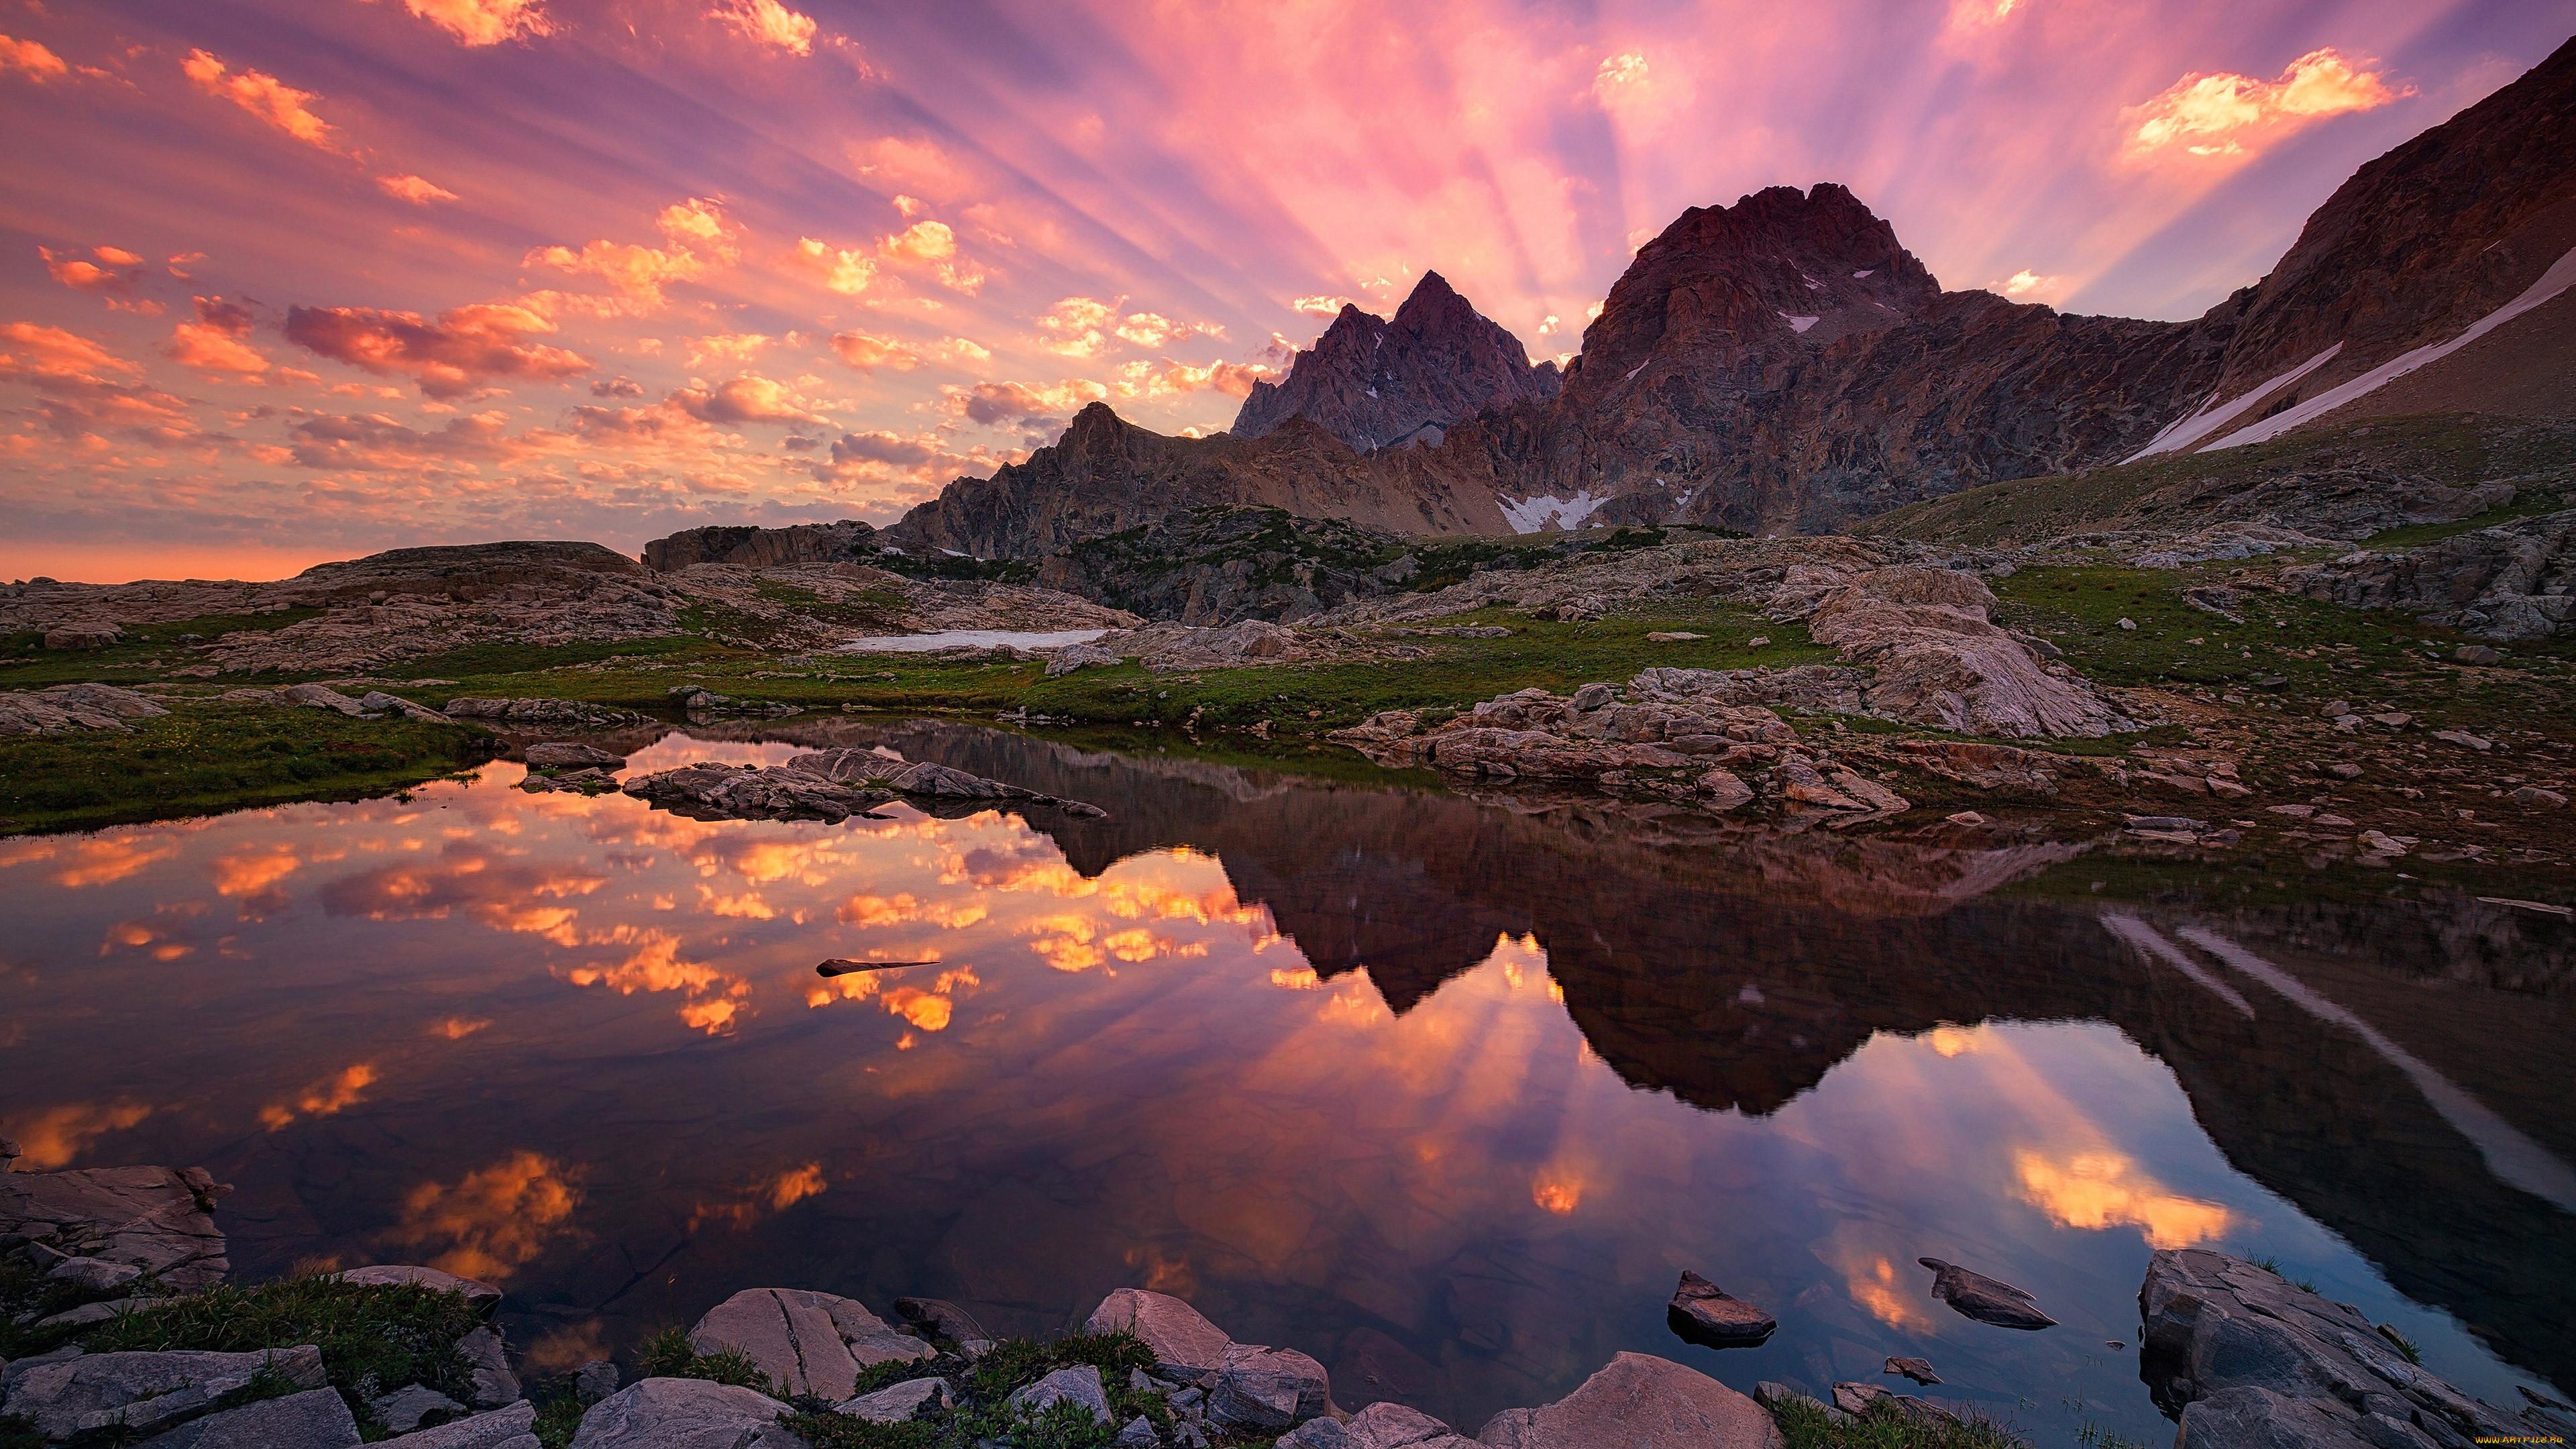 лучшие пейзажи мира фото в высоком качестве просторные